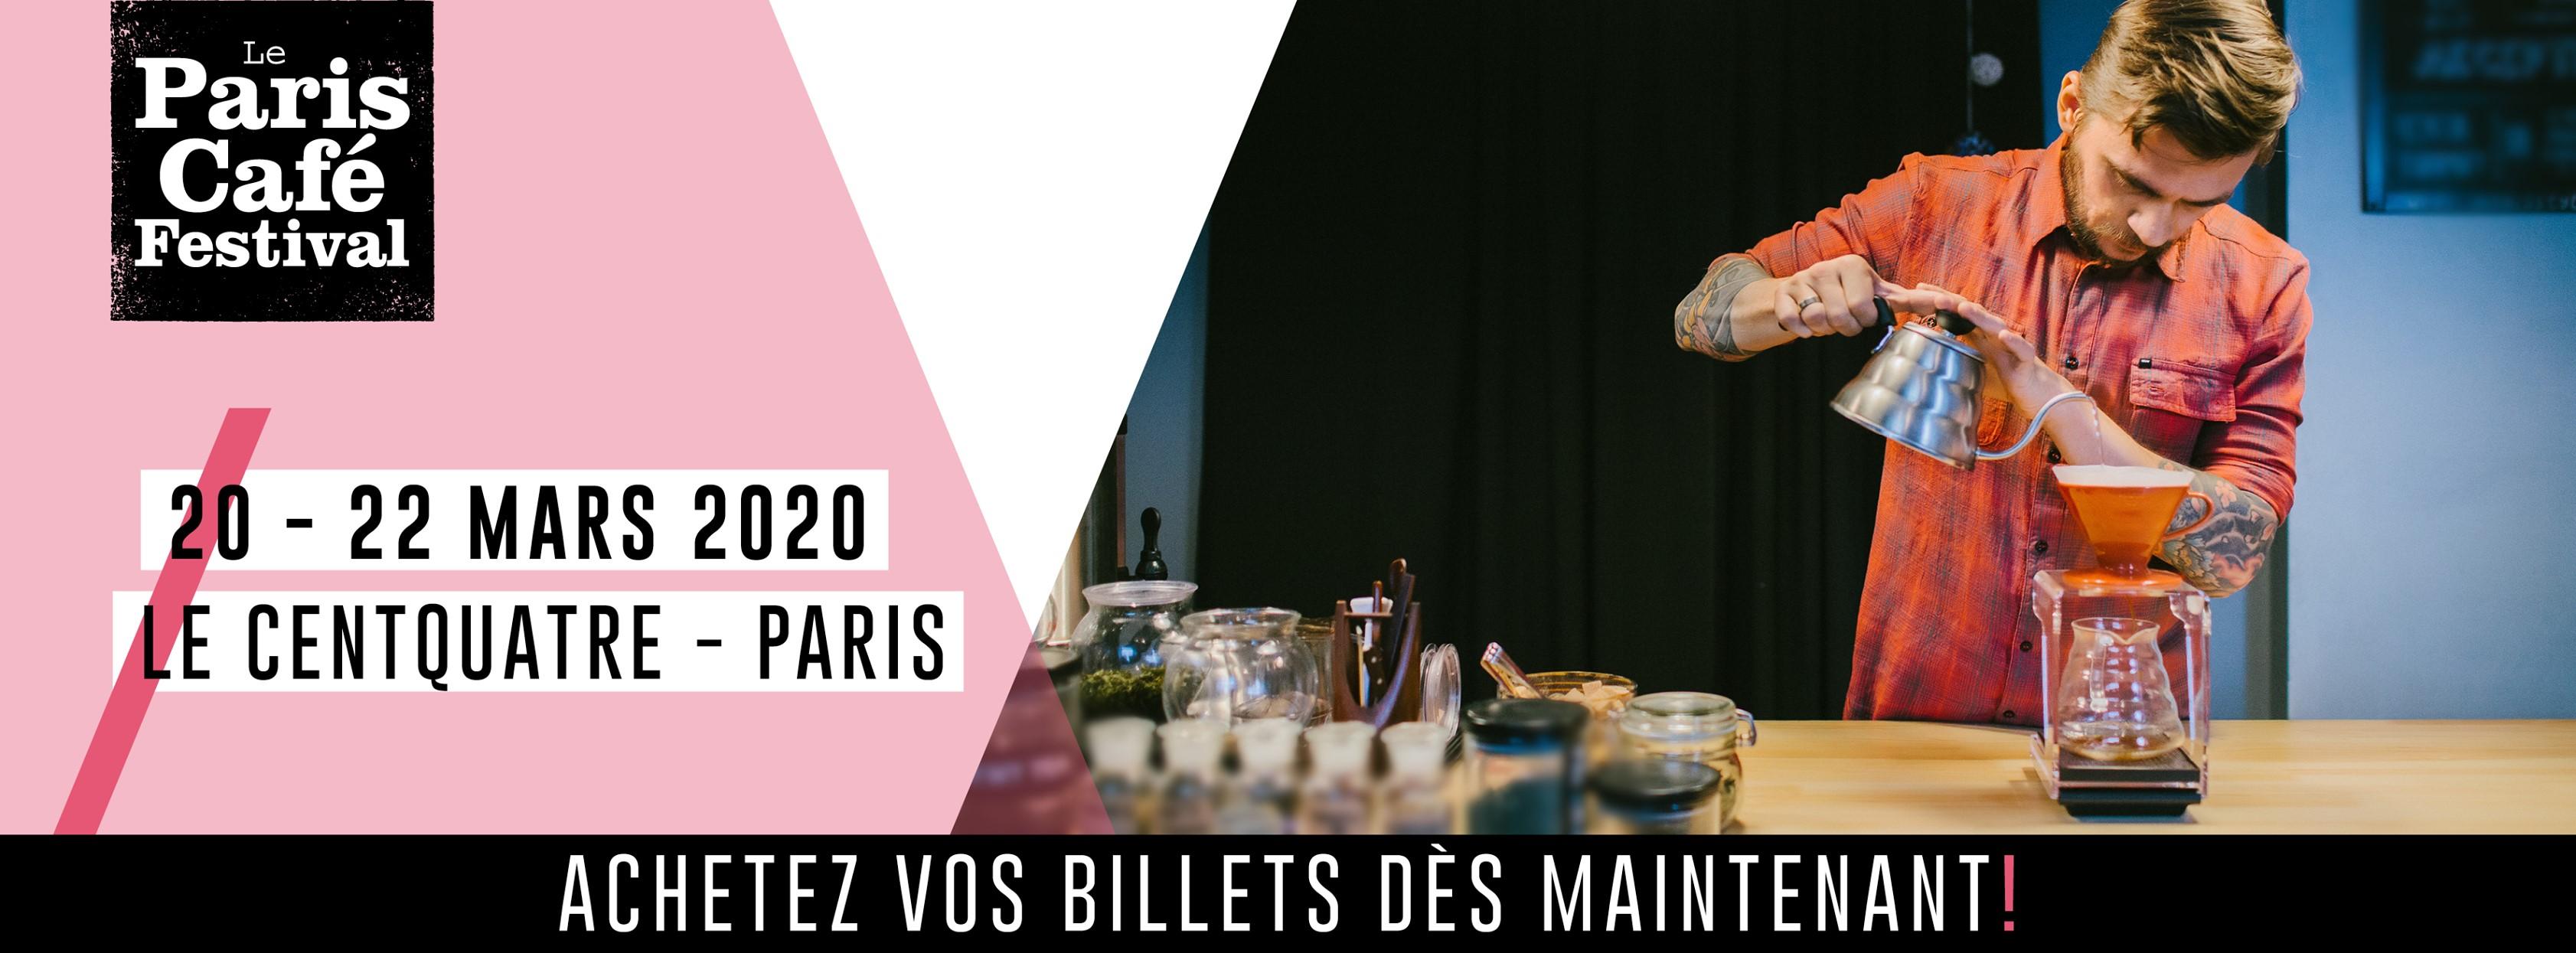 REPORTE EN JUIN : Paris Café Festival à Paris du 20 au 22 ...